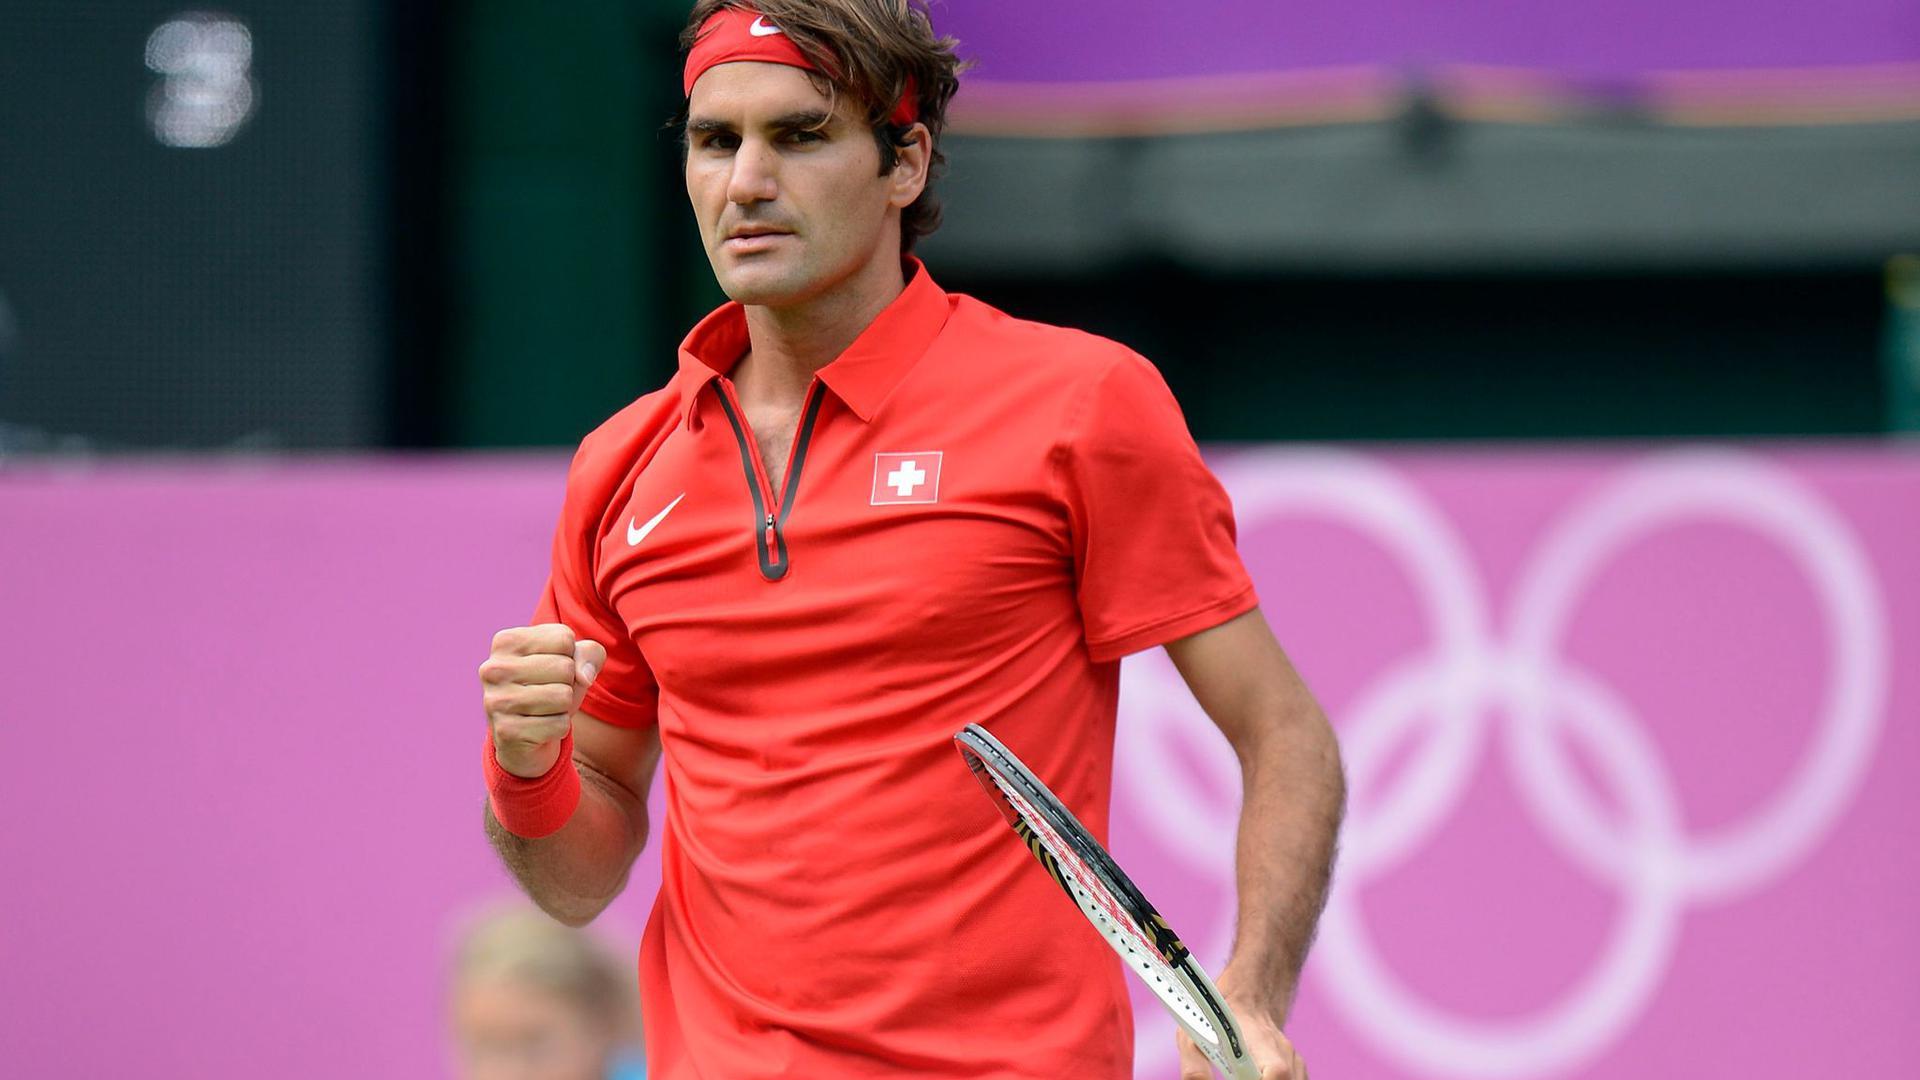 Der Schweizer Roger Federer lässt sein Comeback offen.